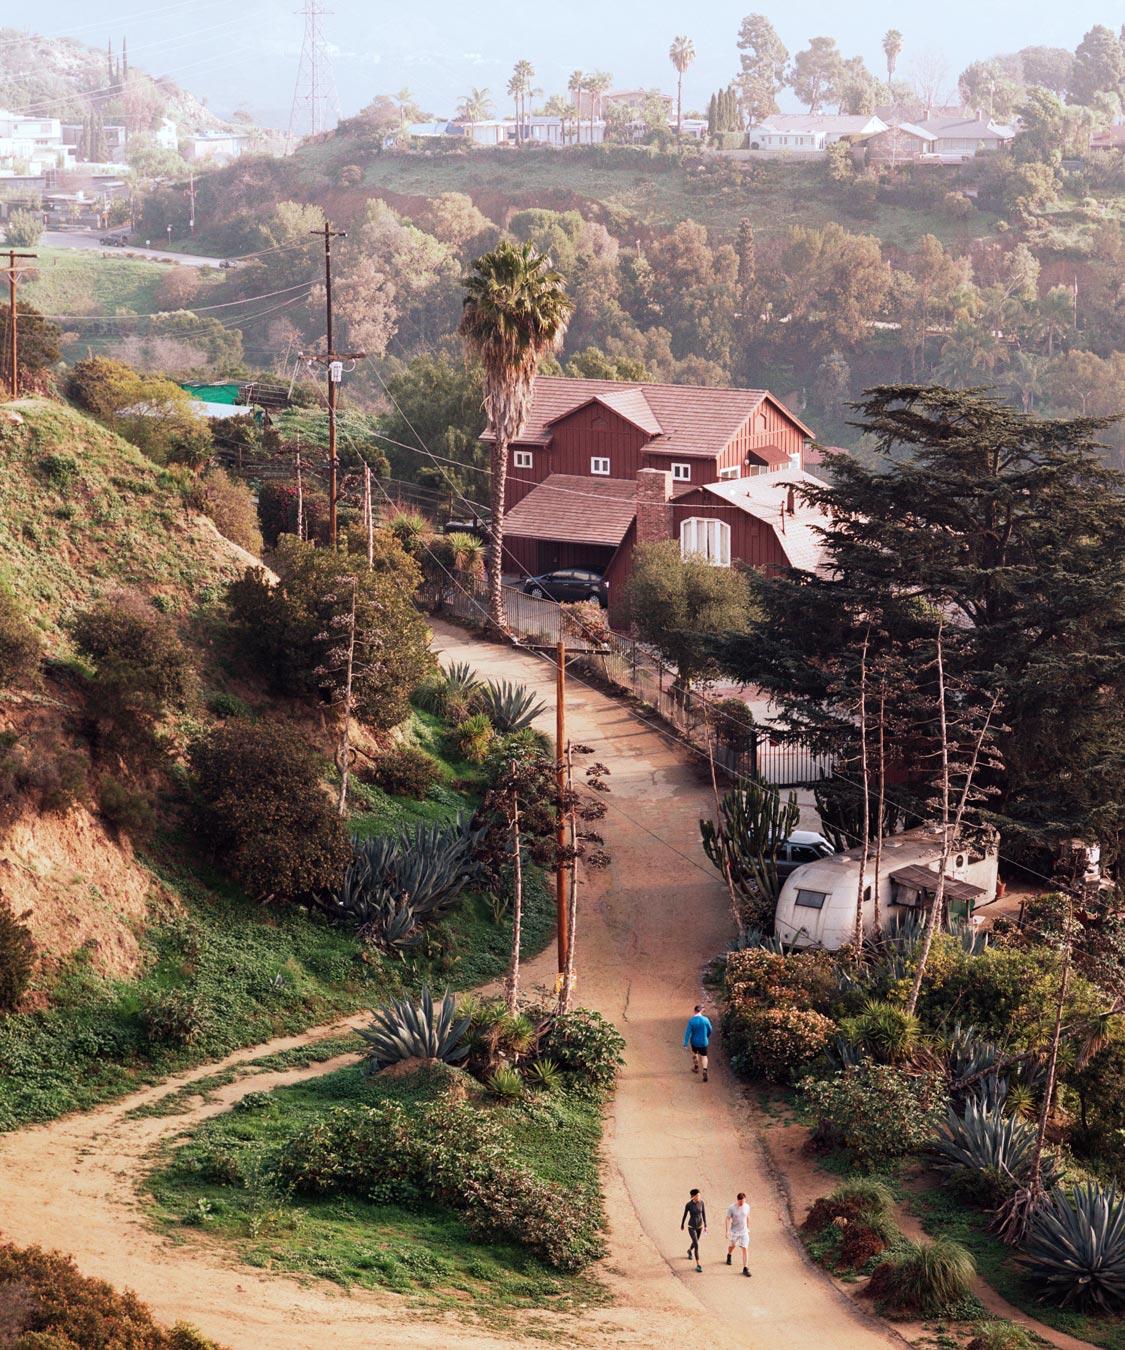 Cakey-Landscape